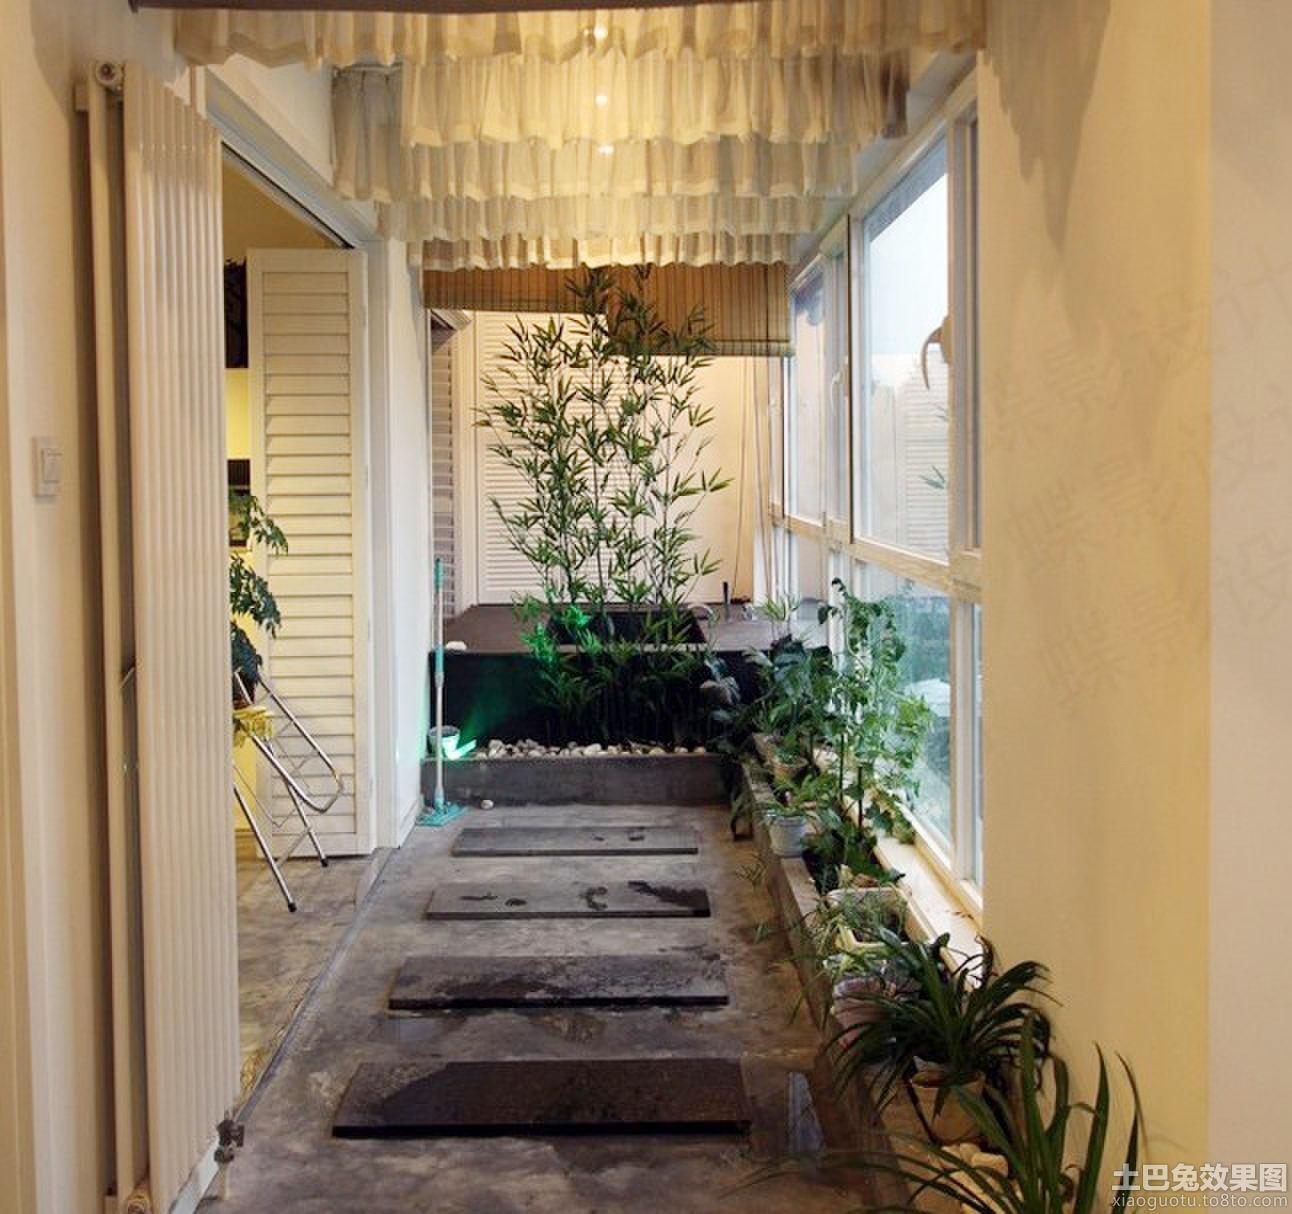 美式乡村风格家居阳台装修效果图